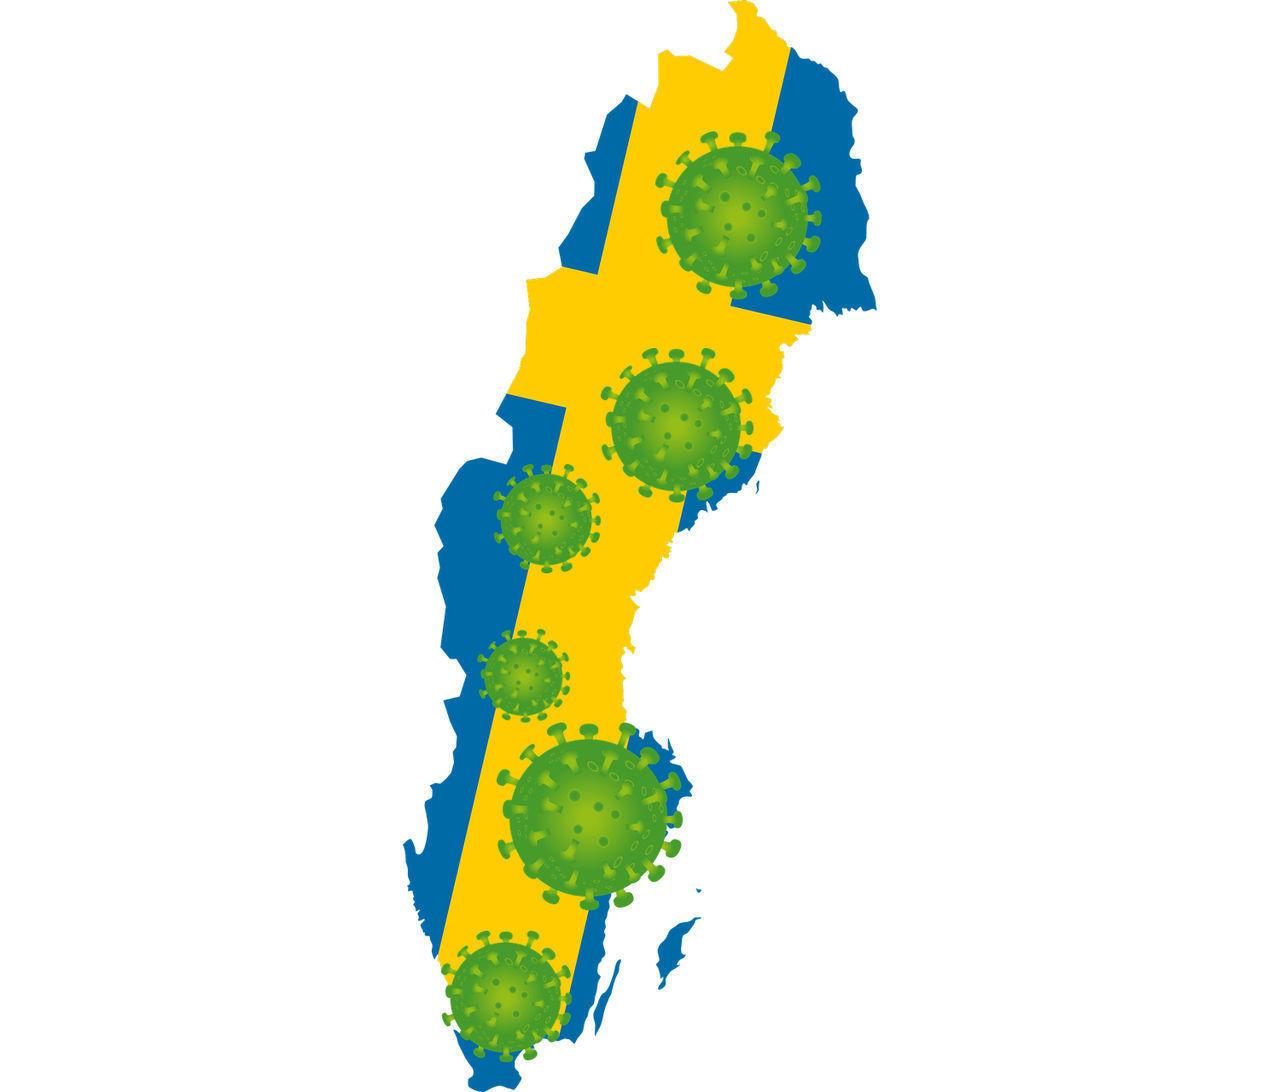 Sluten Facebookgrupp baktalar Sveriges coronastrategi